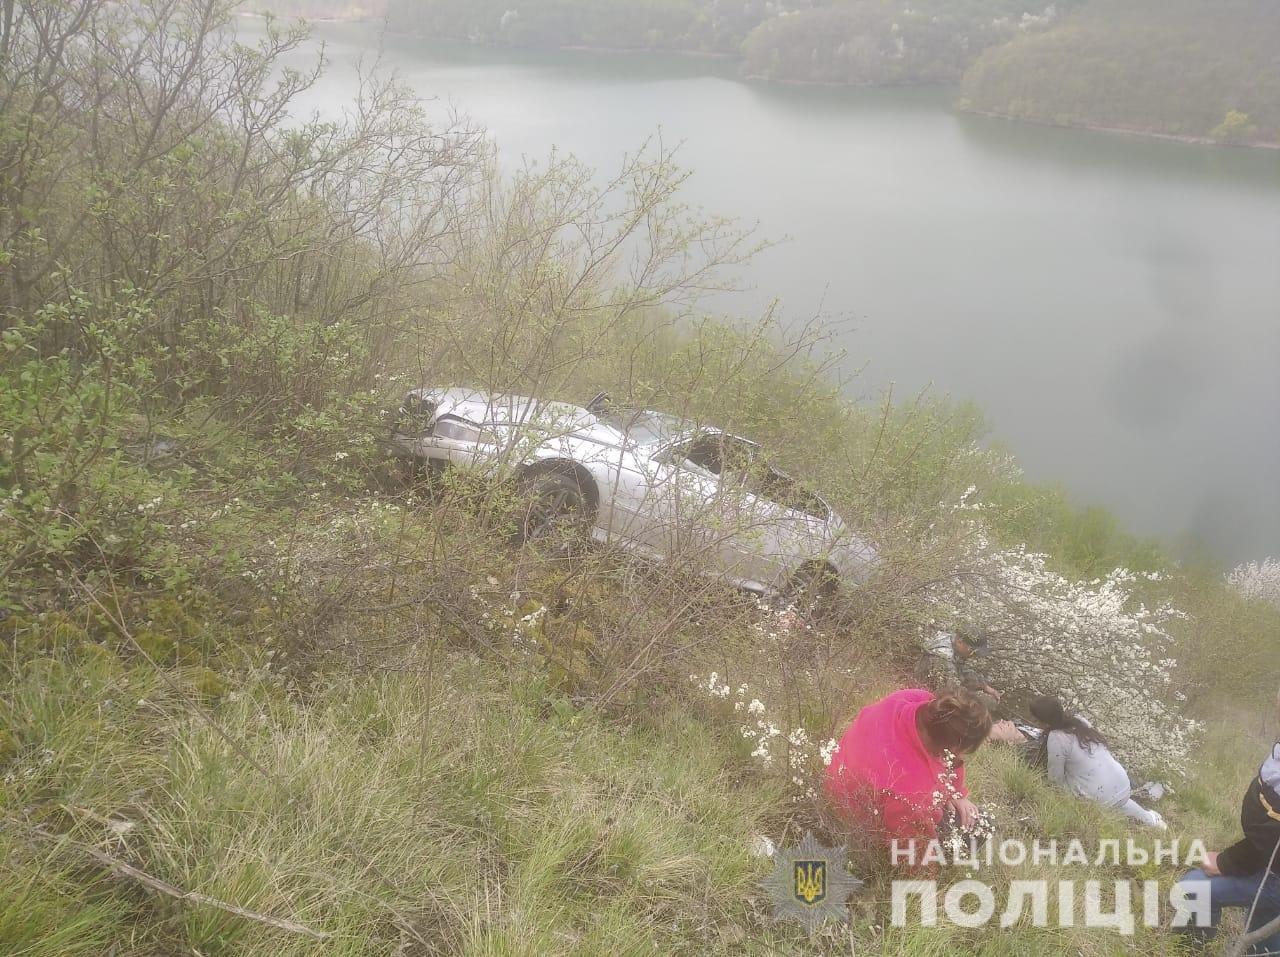 Поліцейські Кам'янеччини встановлюють обставини ДТП, в результаті якої автомобіль злетів зі скелі , фото-2